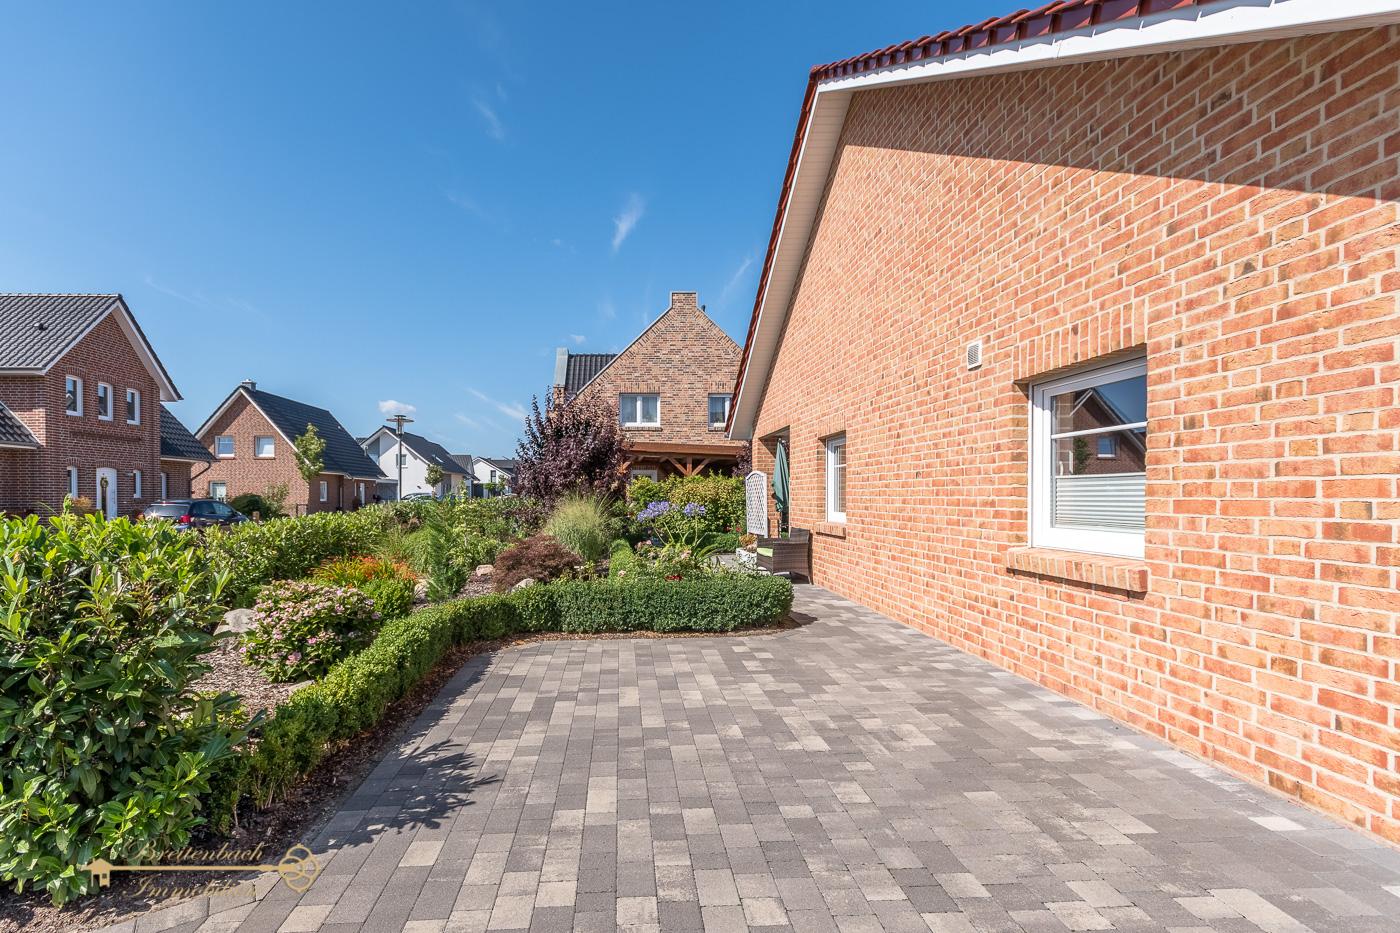 2019-08-11-Breitenbach-Immobilien-2